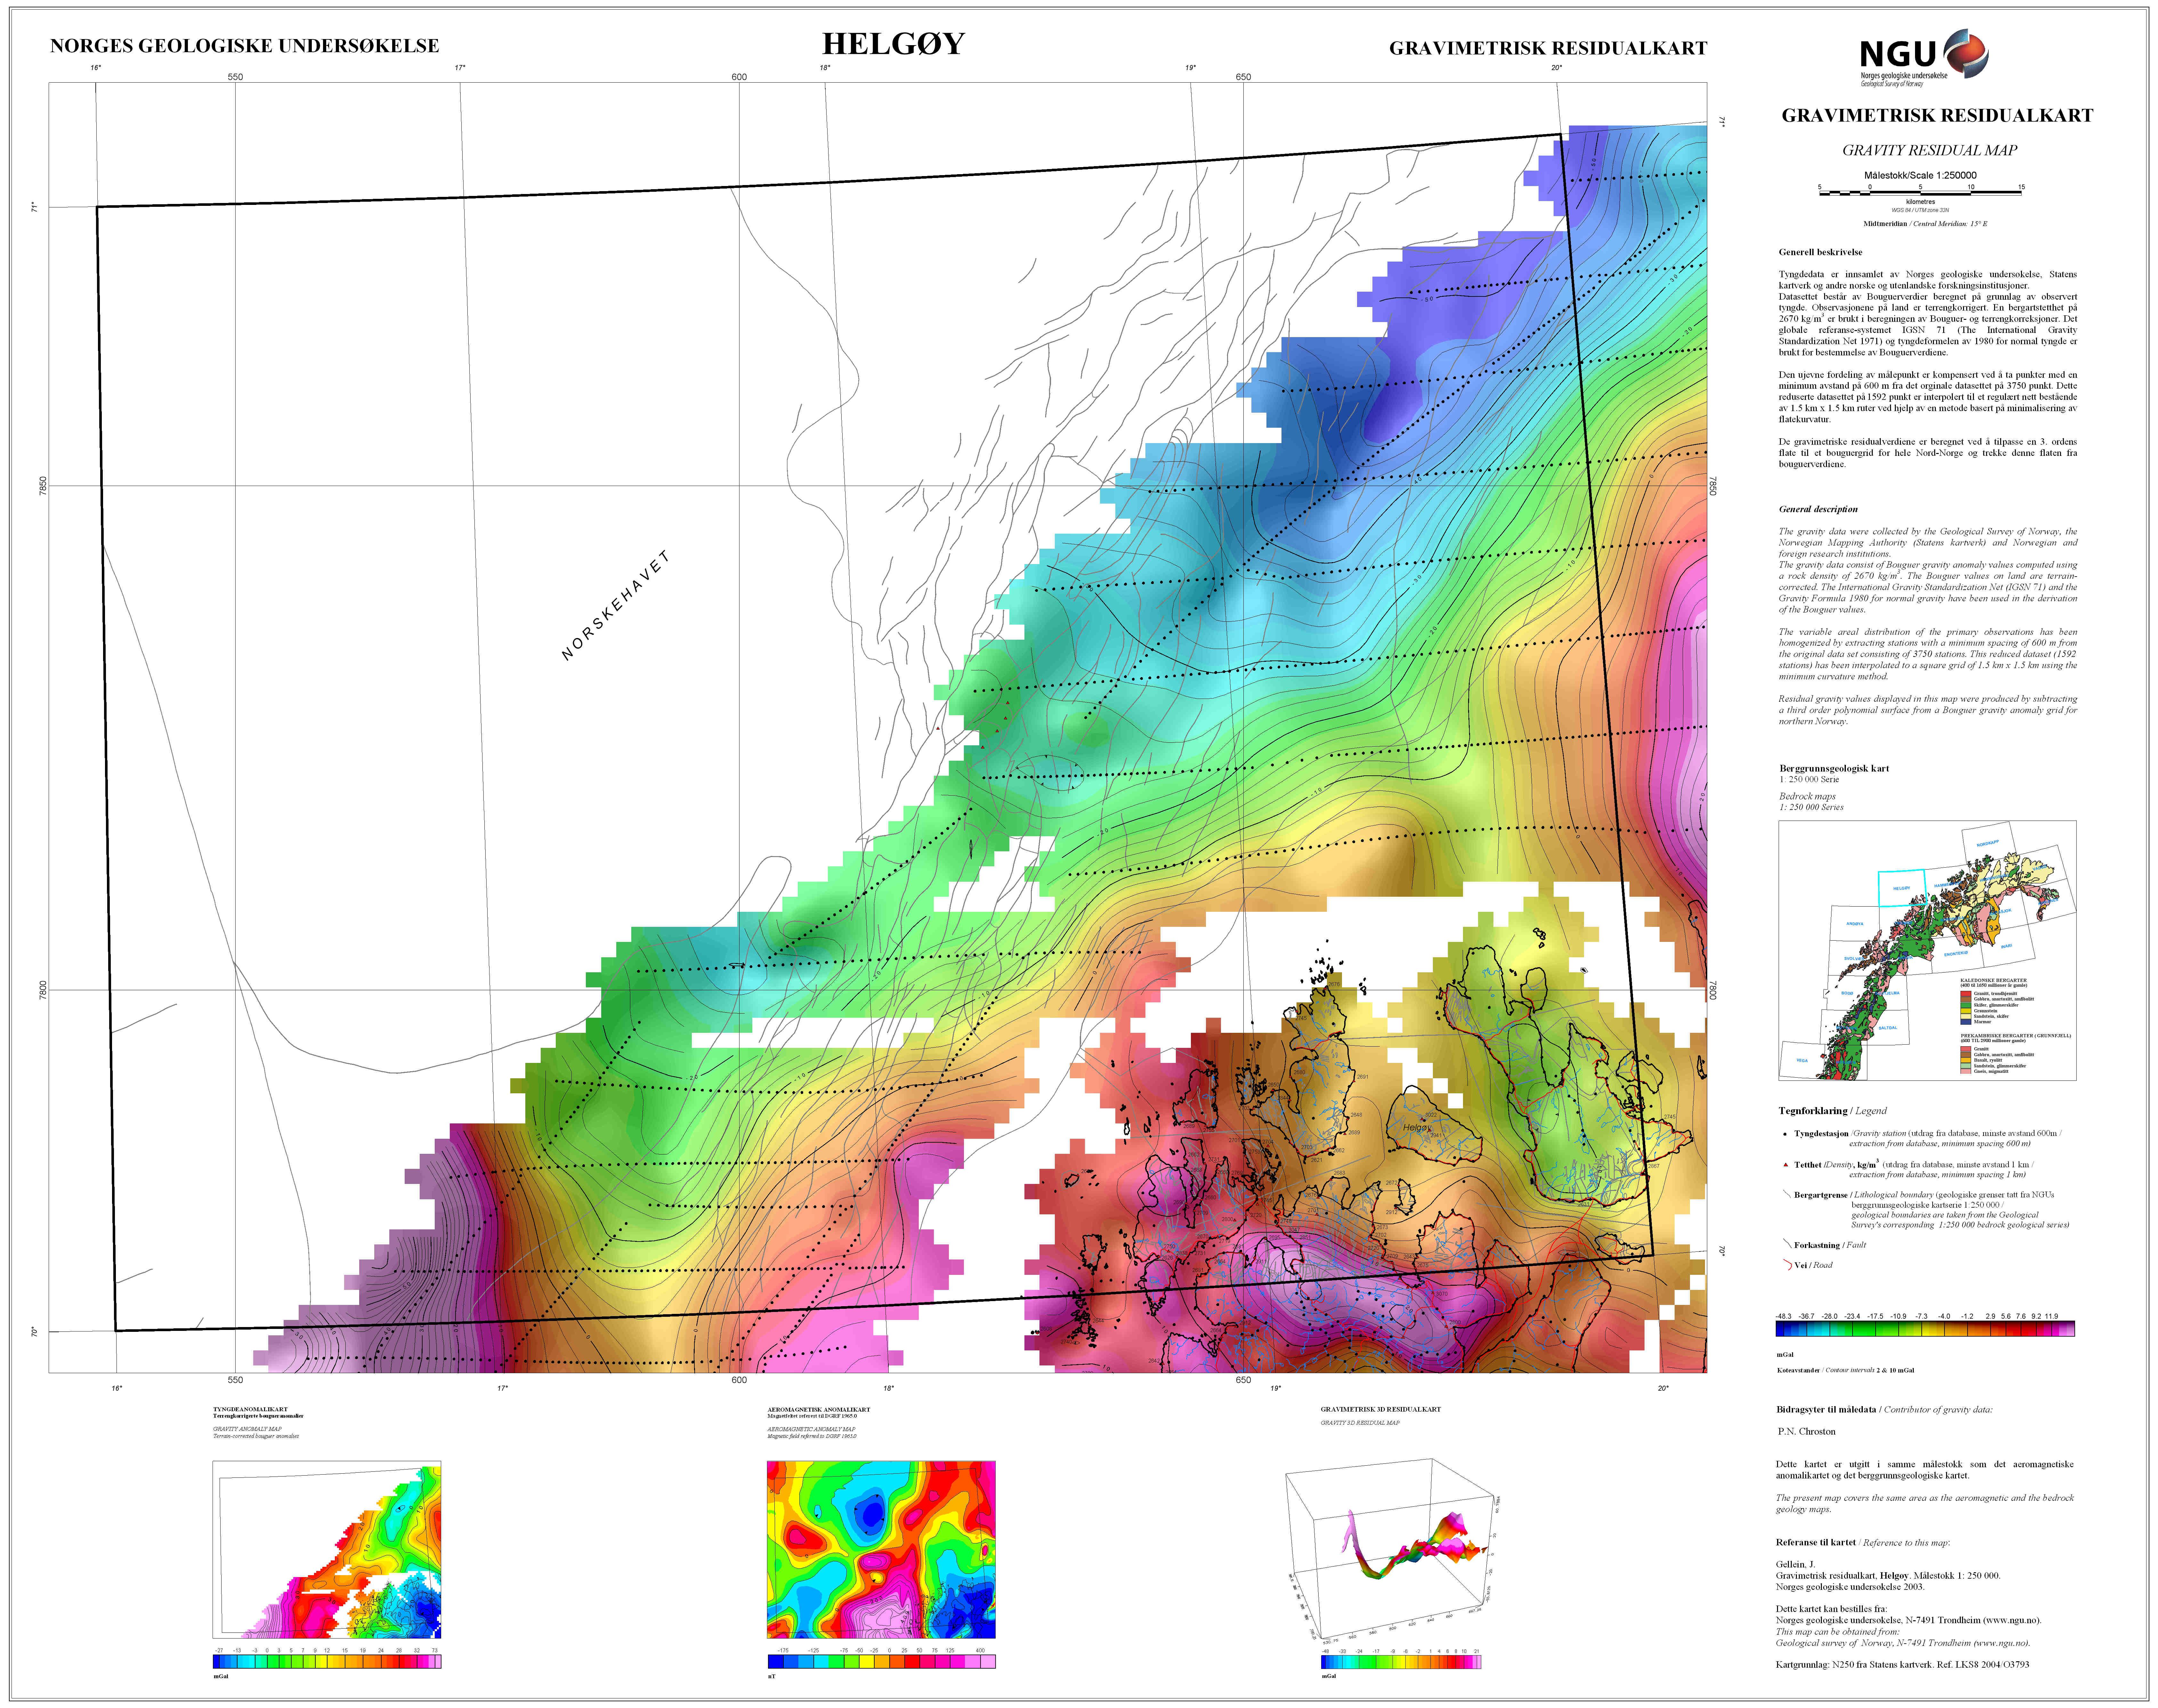 radon trondheim kart Tyngdeanomalikart | Norges geologiske undersøkelse radon trondheim kart